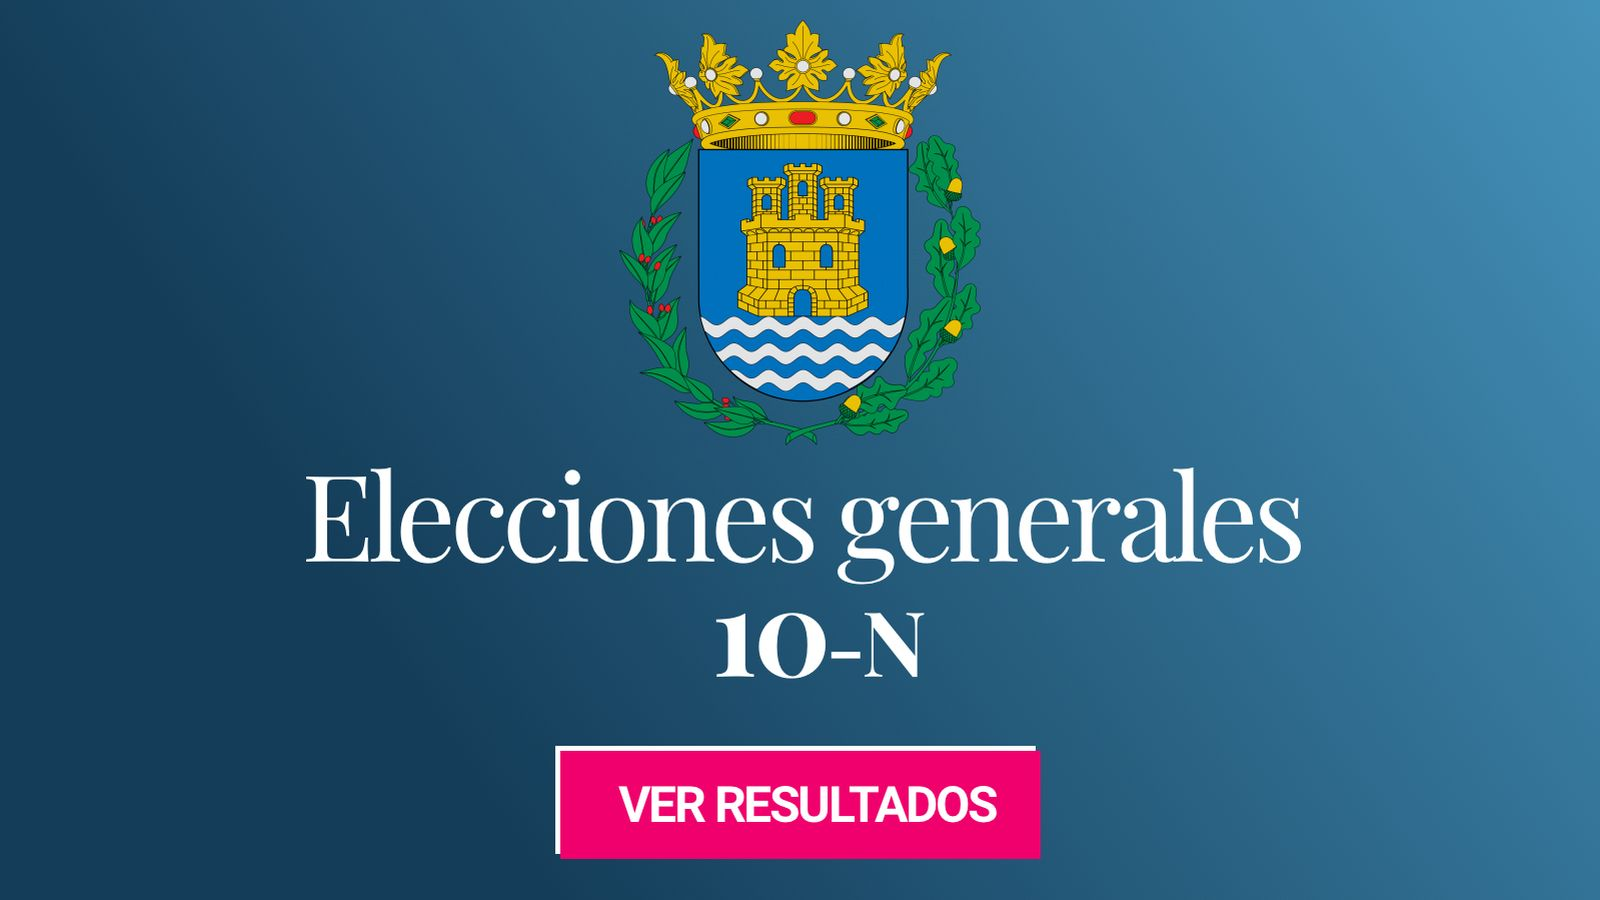 Foto: Elecciones generales 2019 en Alcalá de Henares. (C.C./EC)